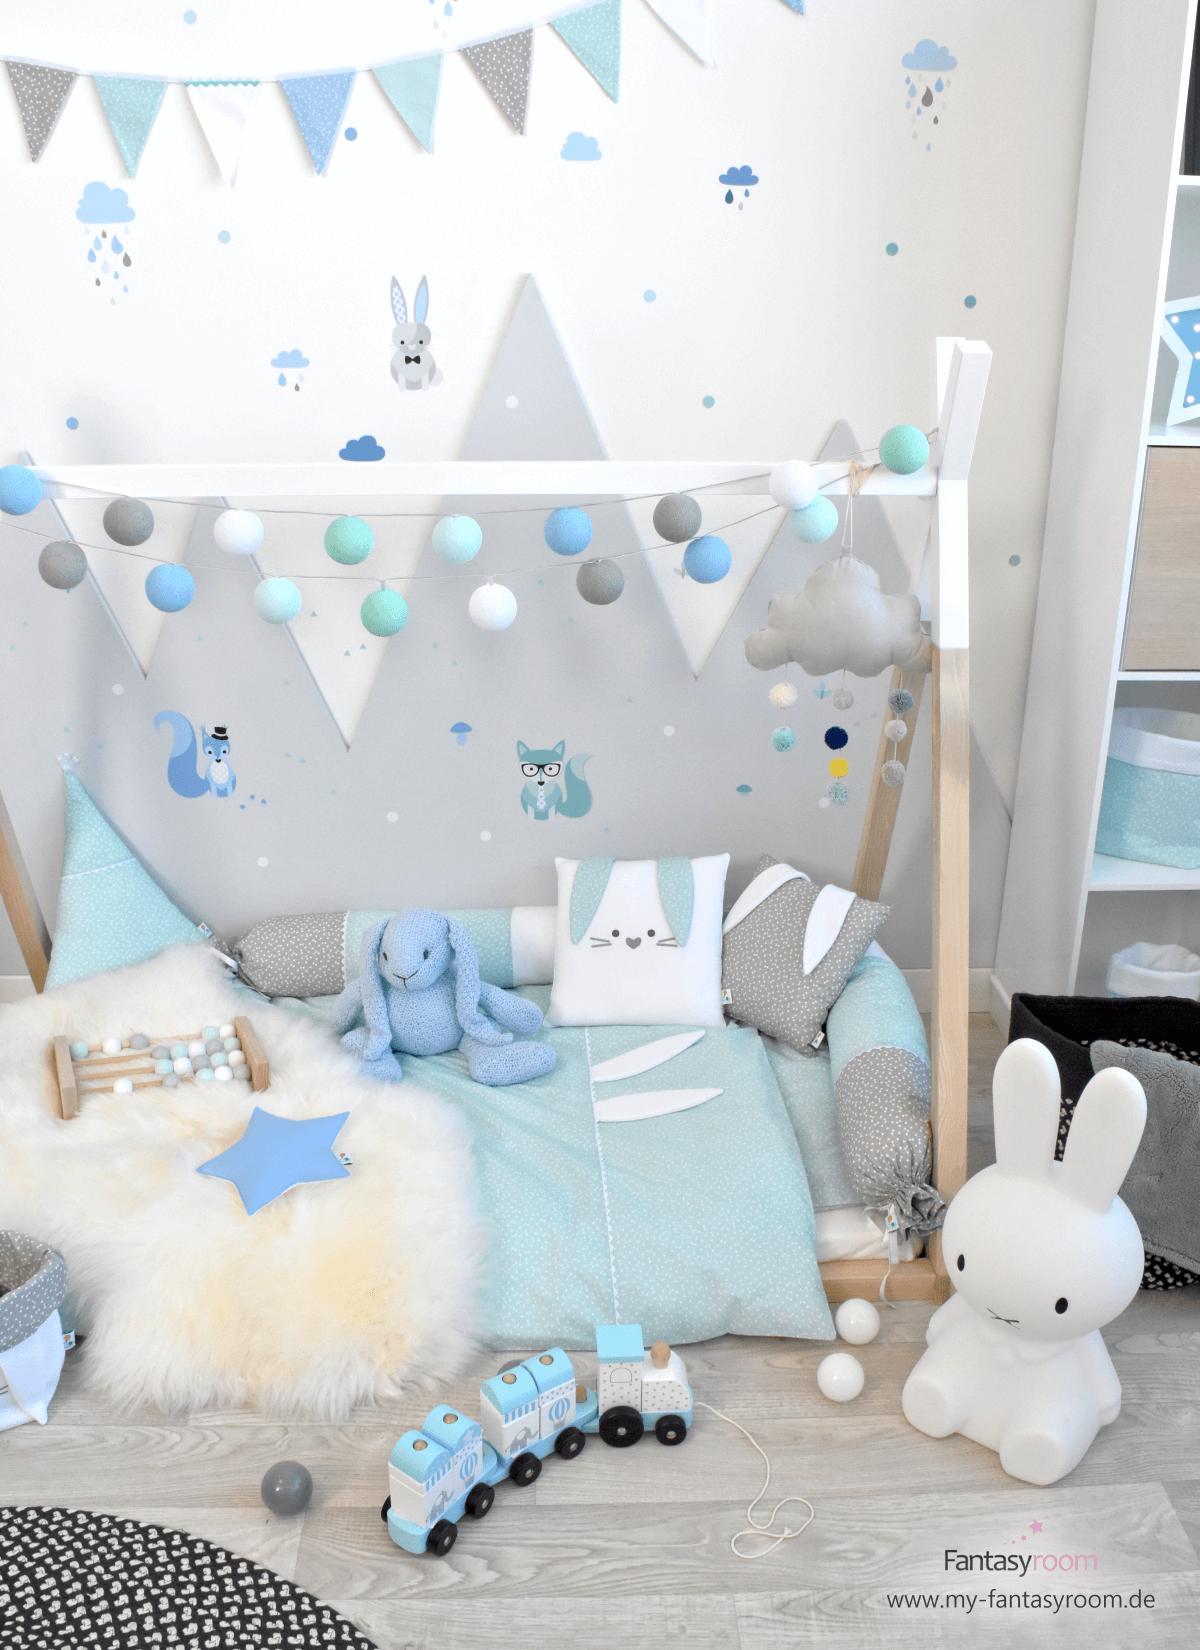 67275e4620 Fuchs, Hase, Eichhörnchen - die niedlichen Waldtiere sind eine zuckersüße  Wandgestaltung für das Kinderzimmer